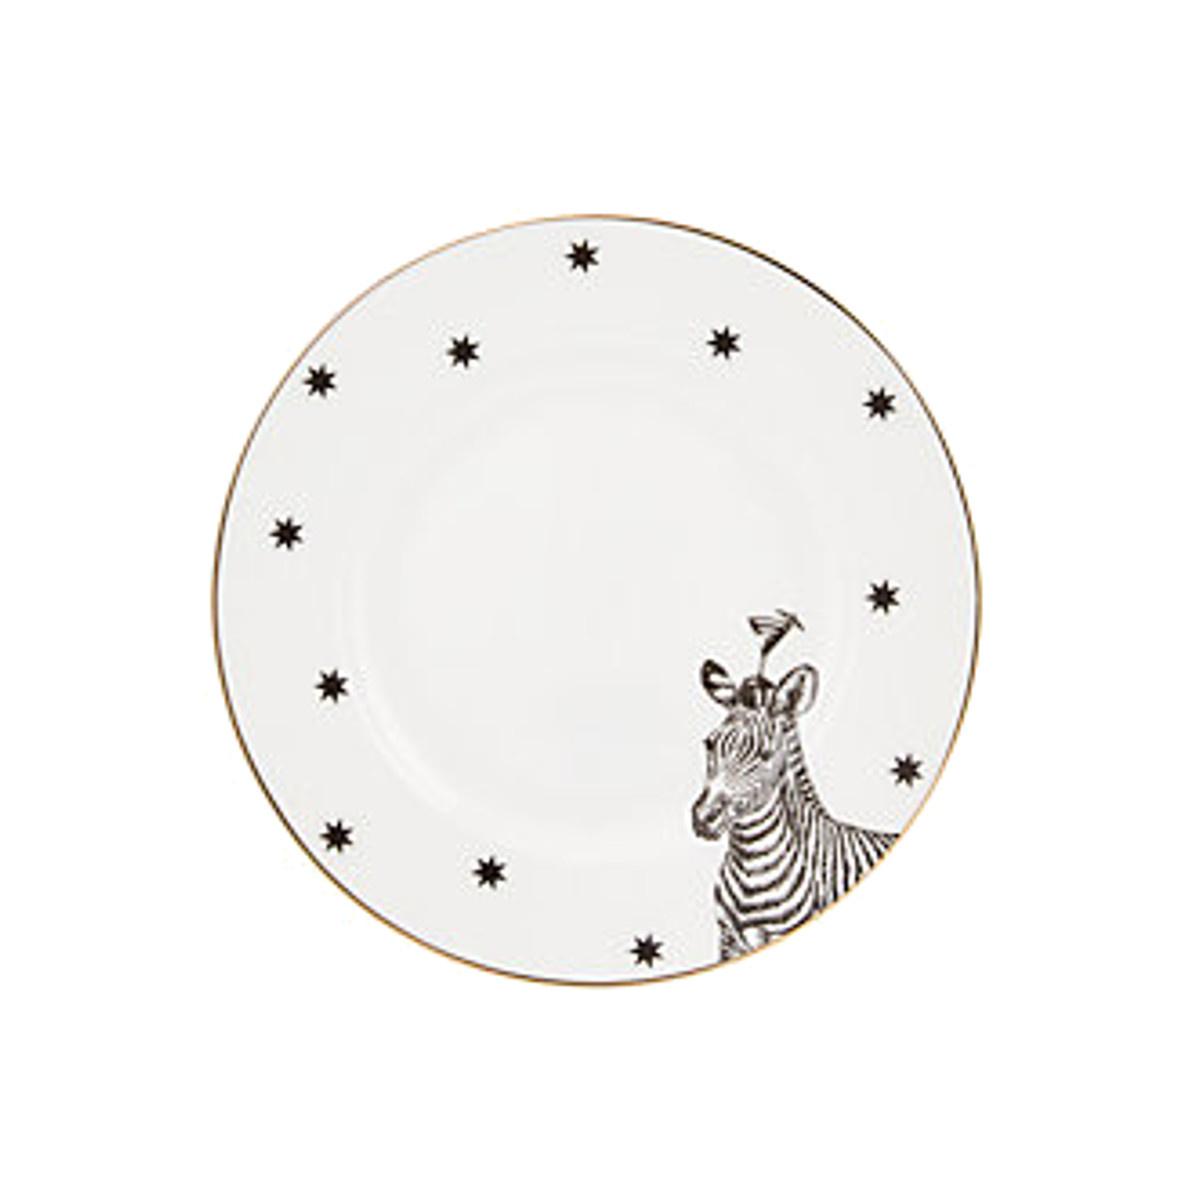 Yvonne Ellen Yvonne Ellen London Monochrome Set of 2 Plates Ø 16 cm - Zebra - Bone China